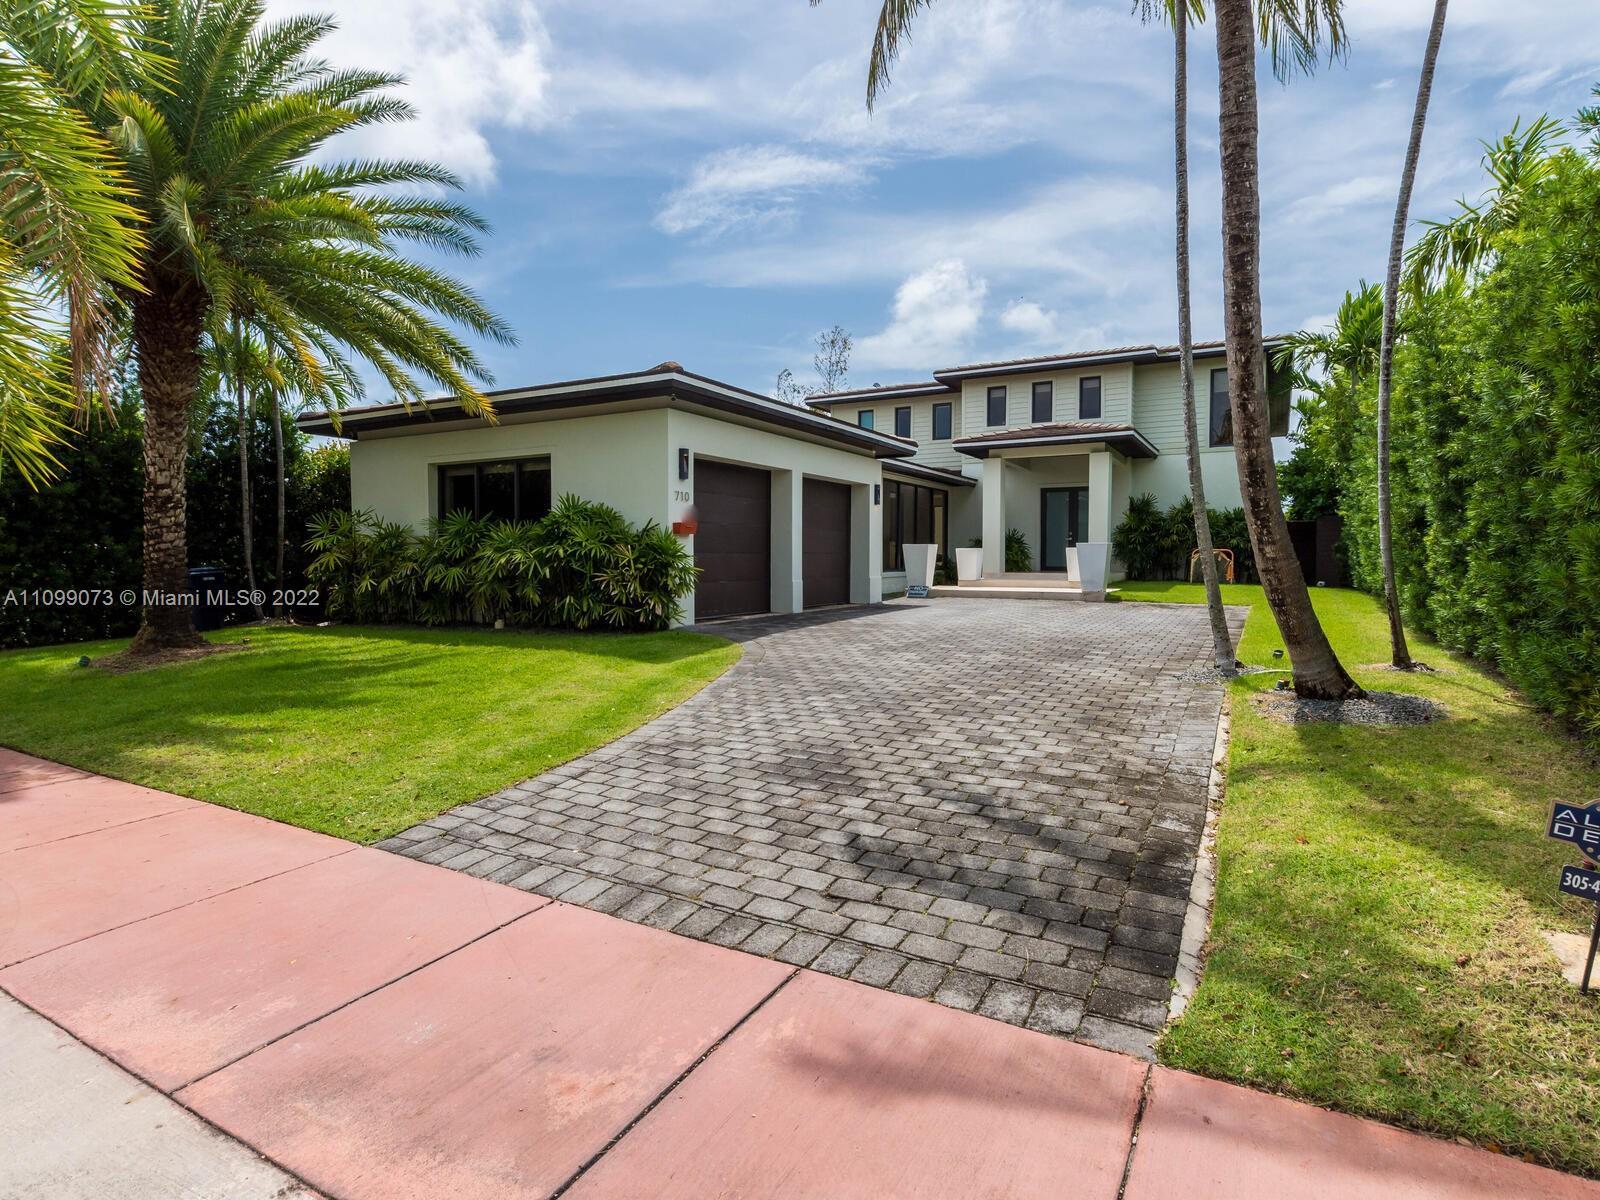 710 Shore Dr, Miami Beach, Florida 33141